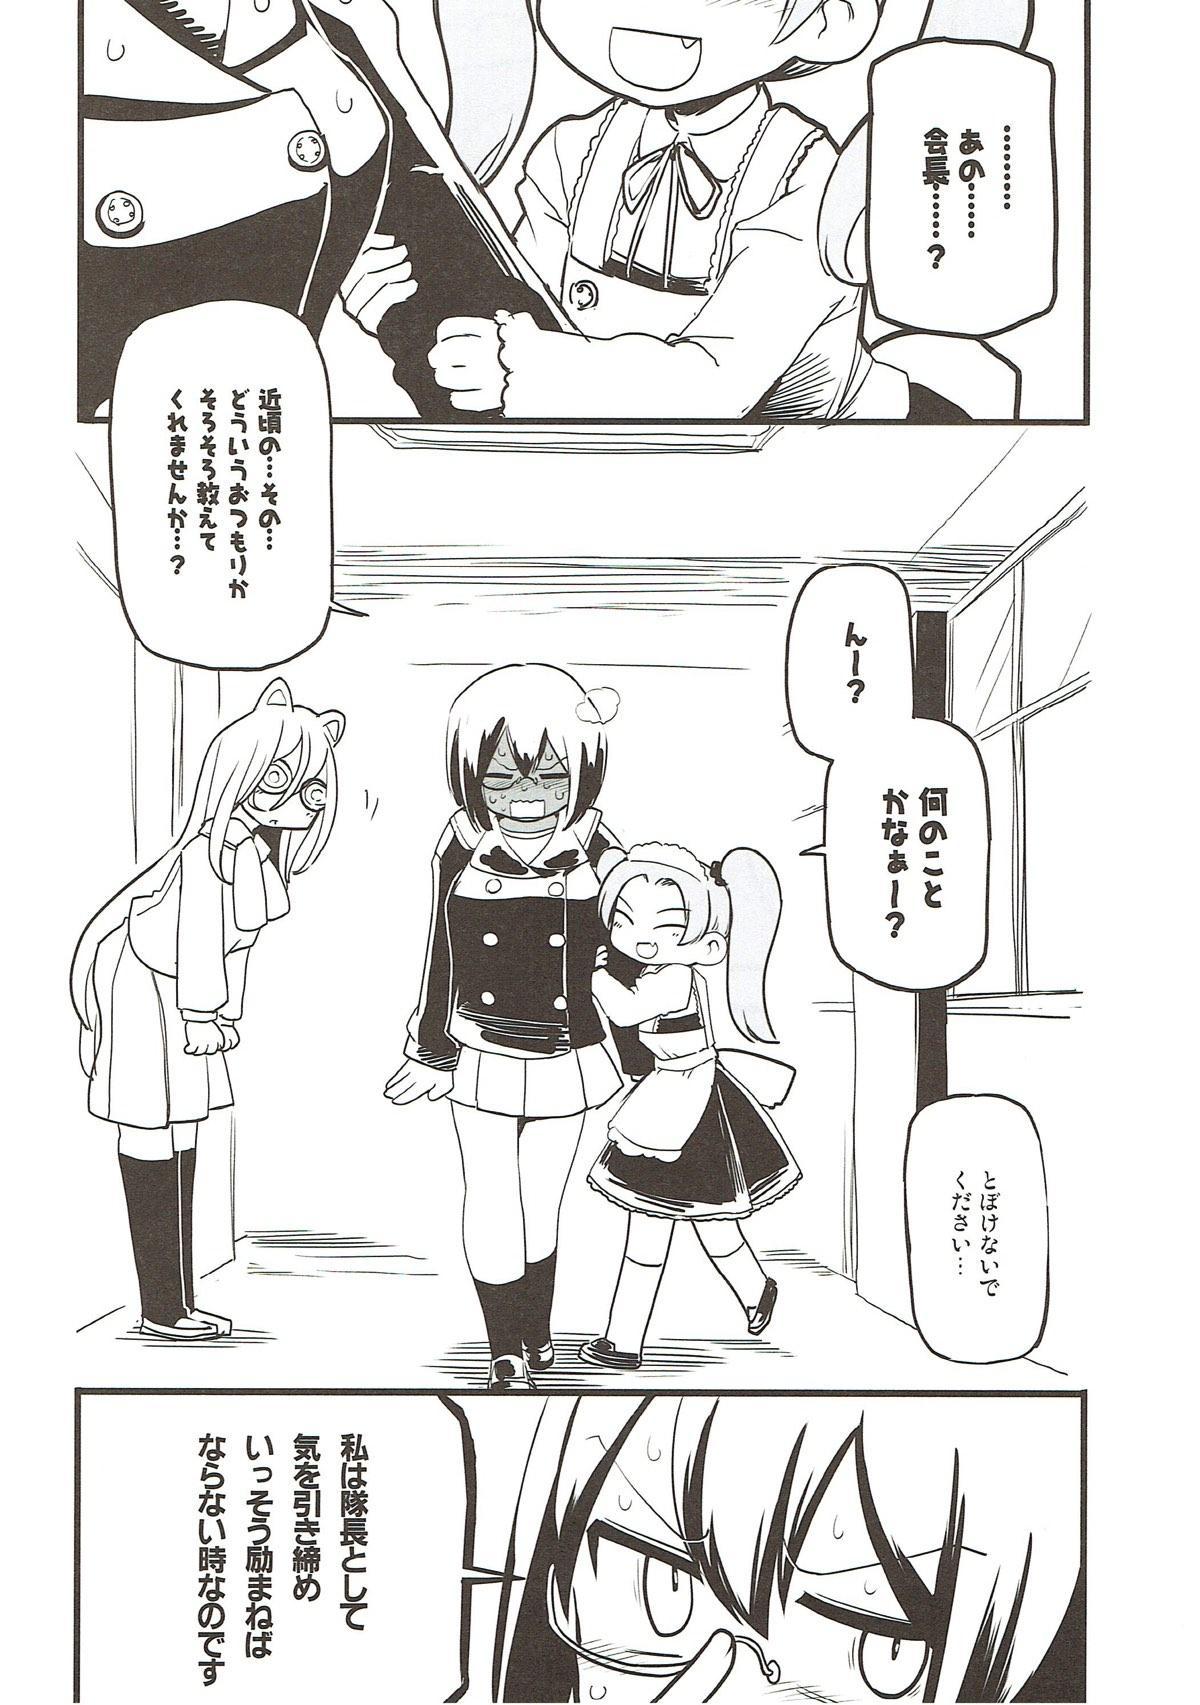 Kyou AnMomo wa Yuri Ecchi o Suru. 4